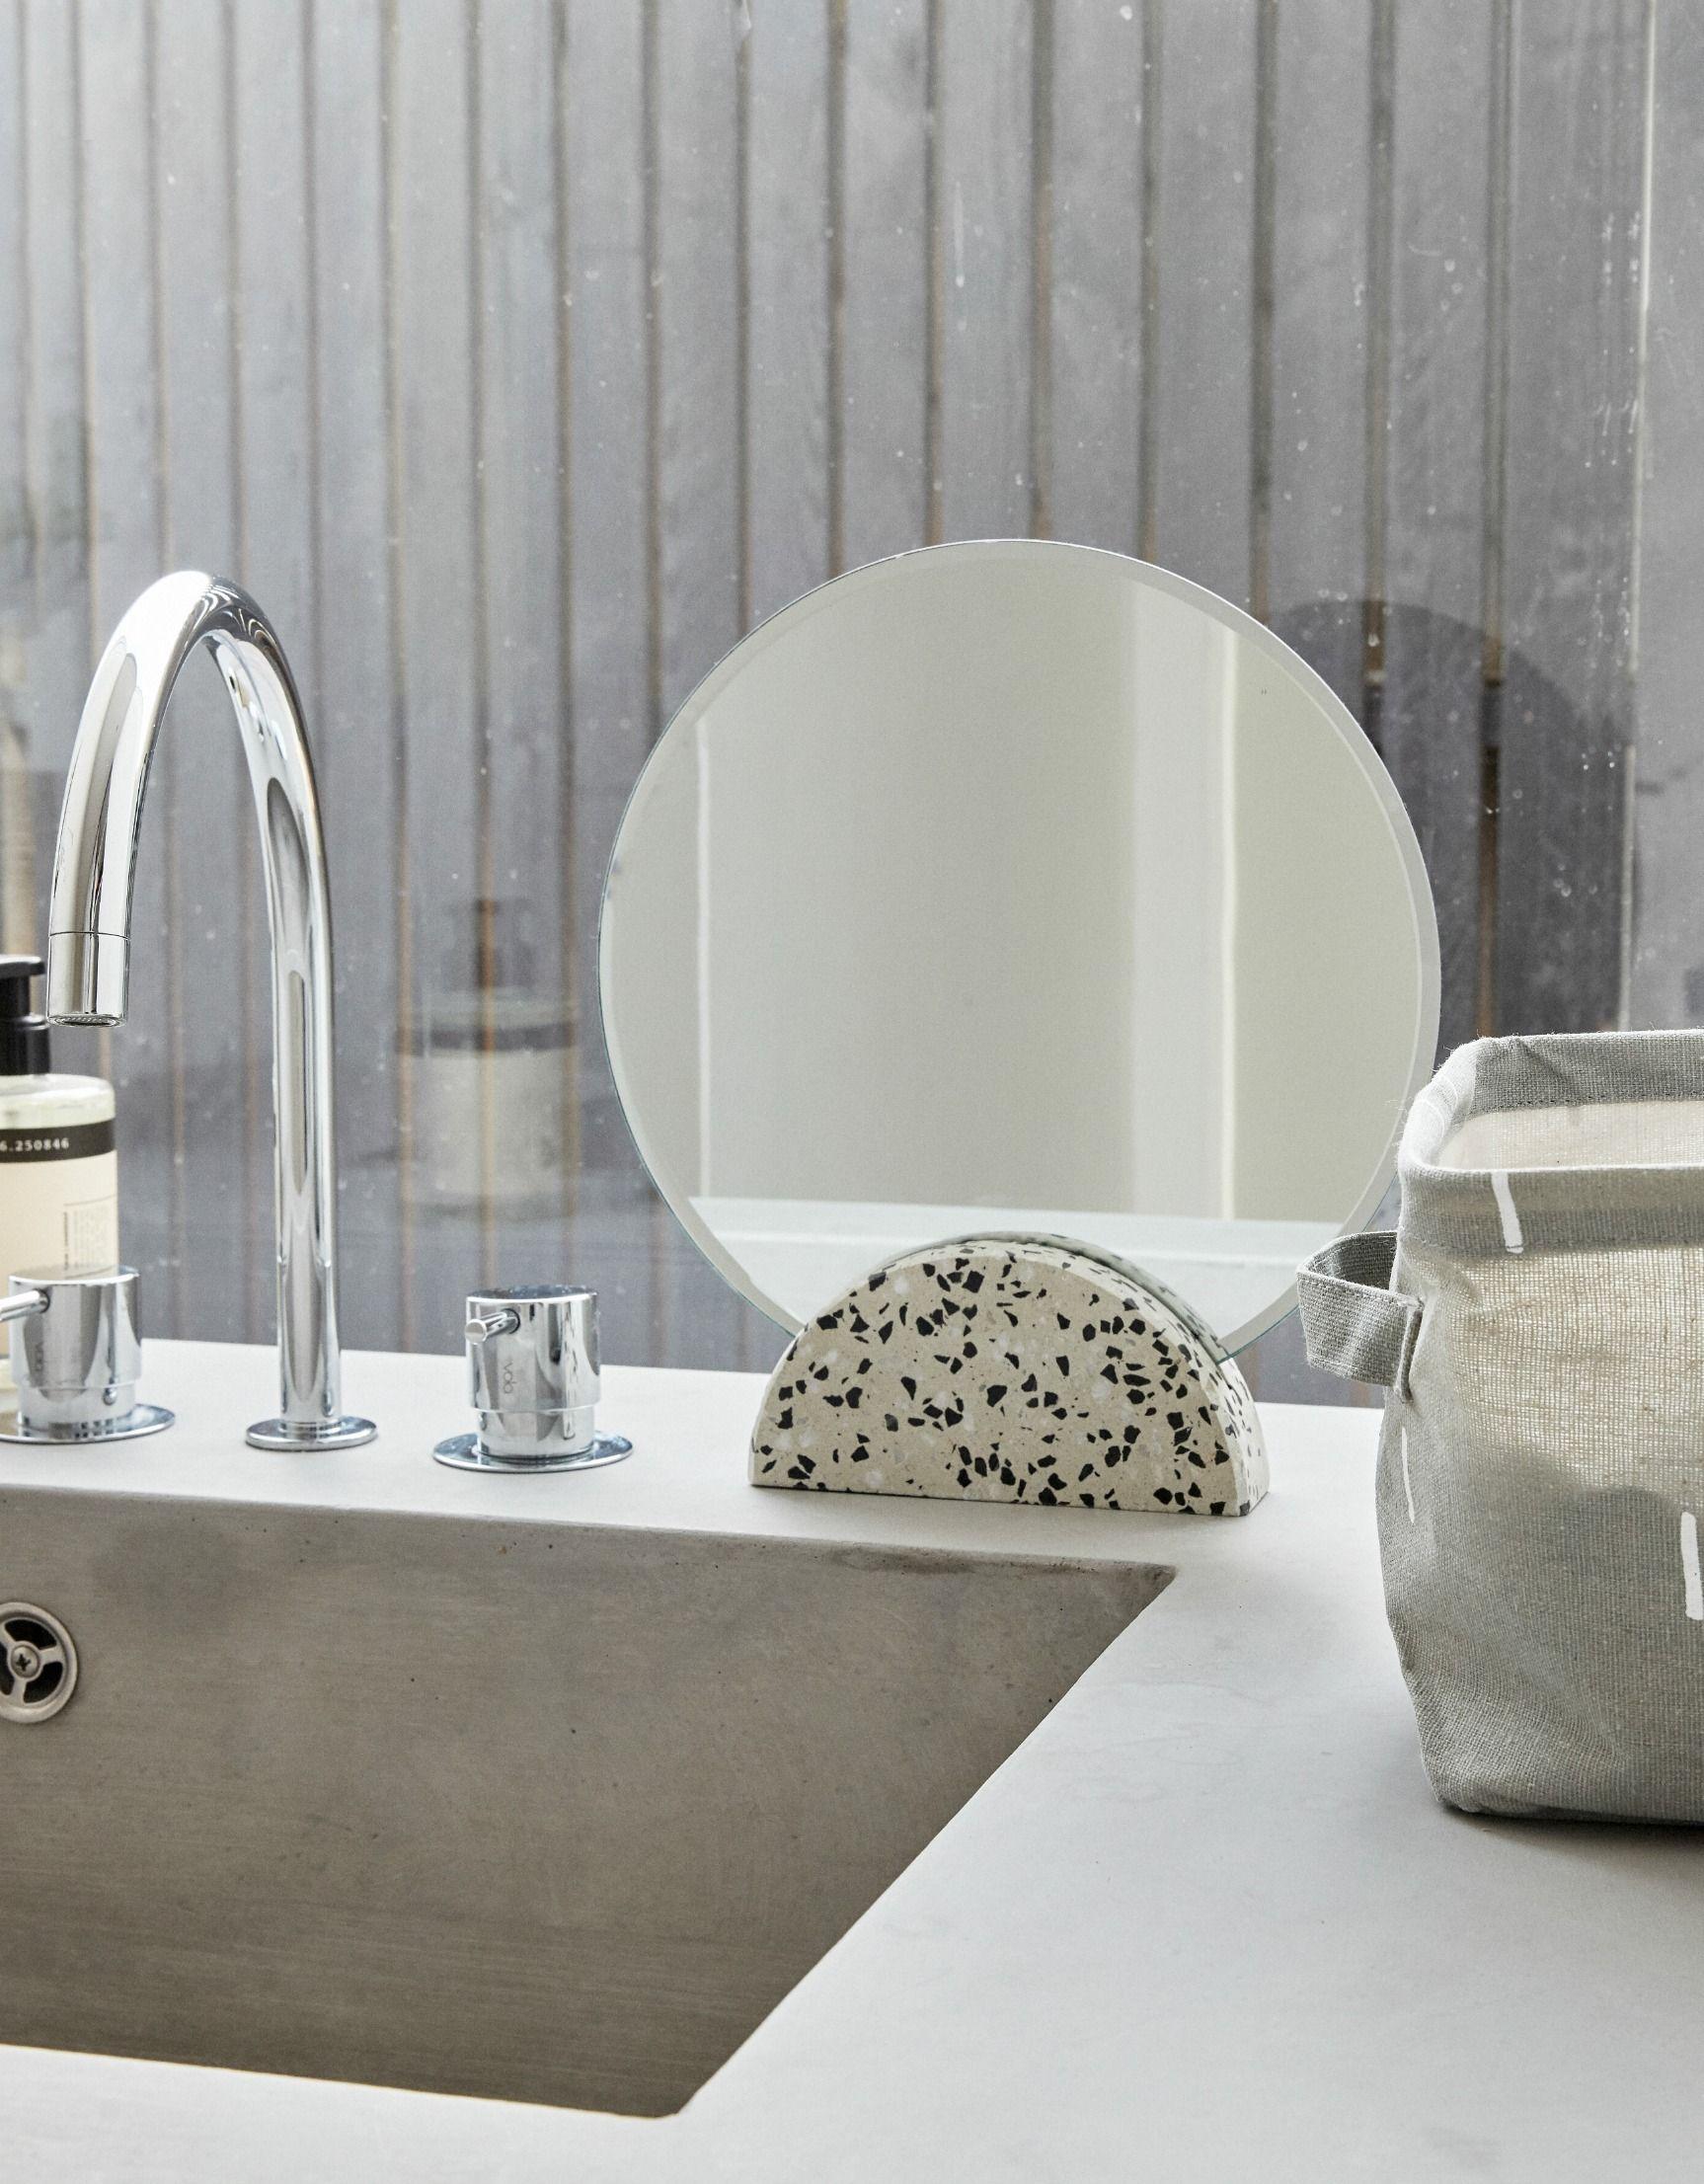 HÜBSCH Kosmetikspiegel Terrazzo rund in 2019 | Hübsch Interior ...